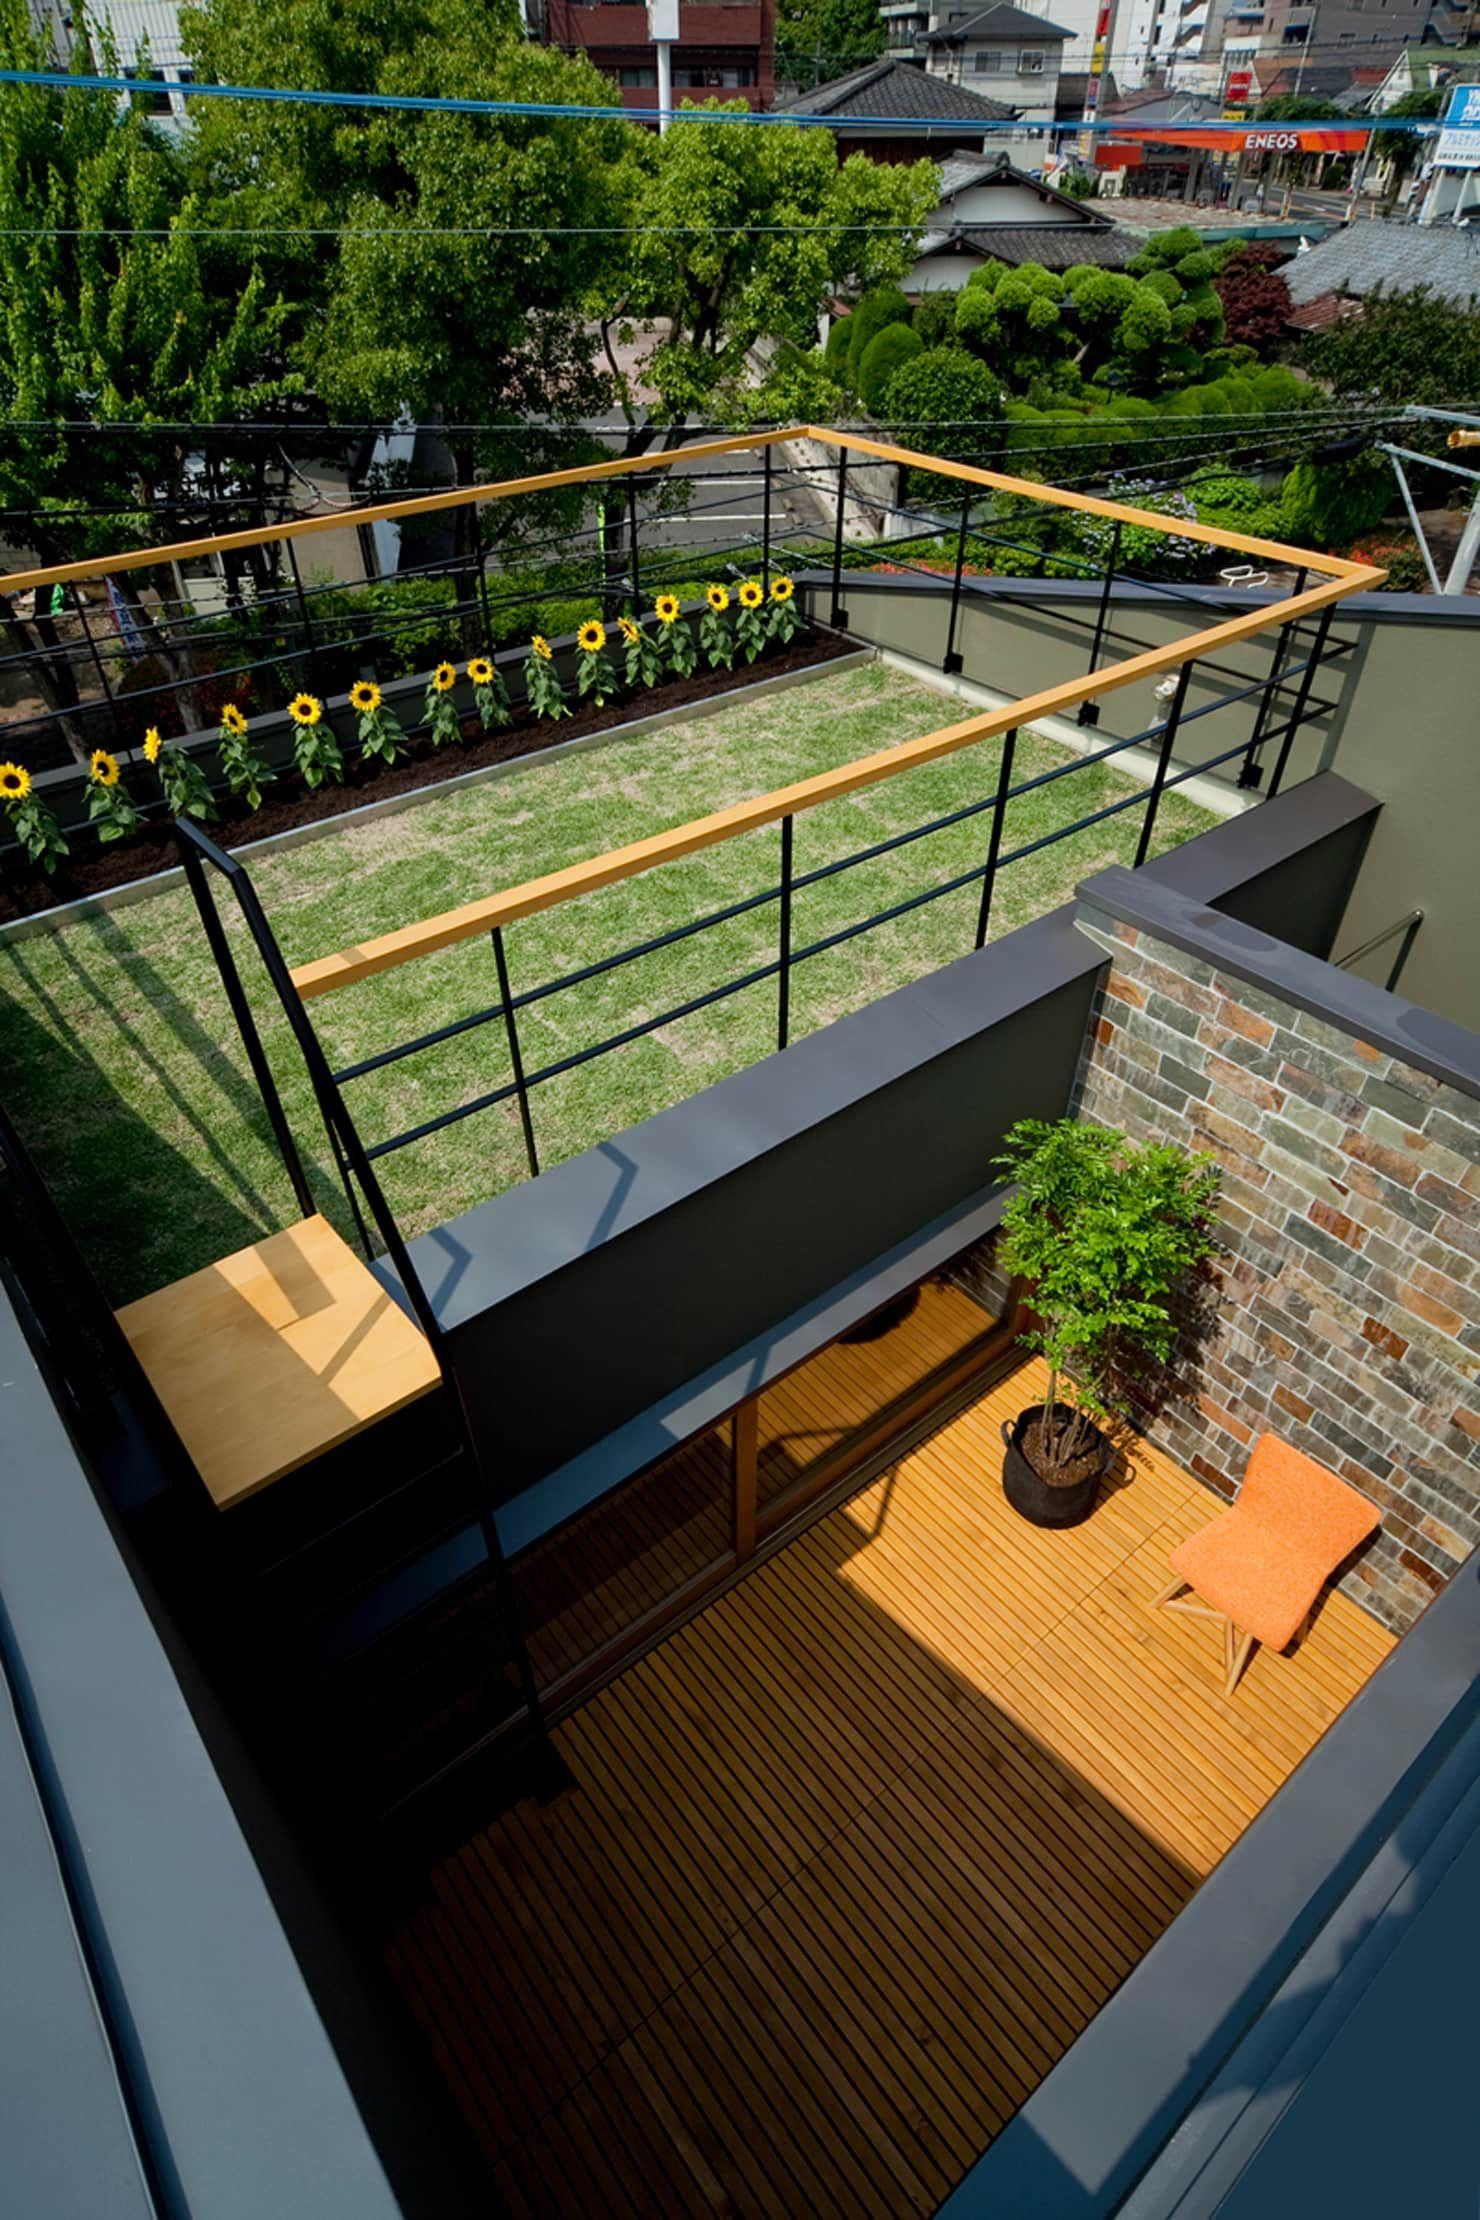 ミドリノイエ 北欧風 庭 の Group Scoop Architectural Design Studio 北欧 屋上庭園 住宅建築デザイン 屋上